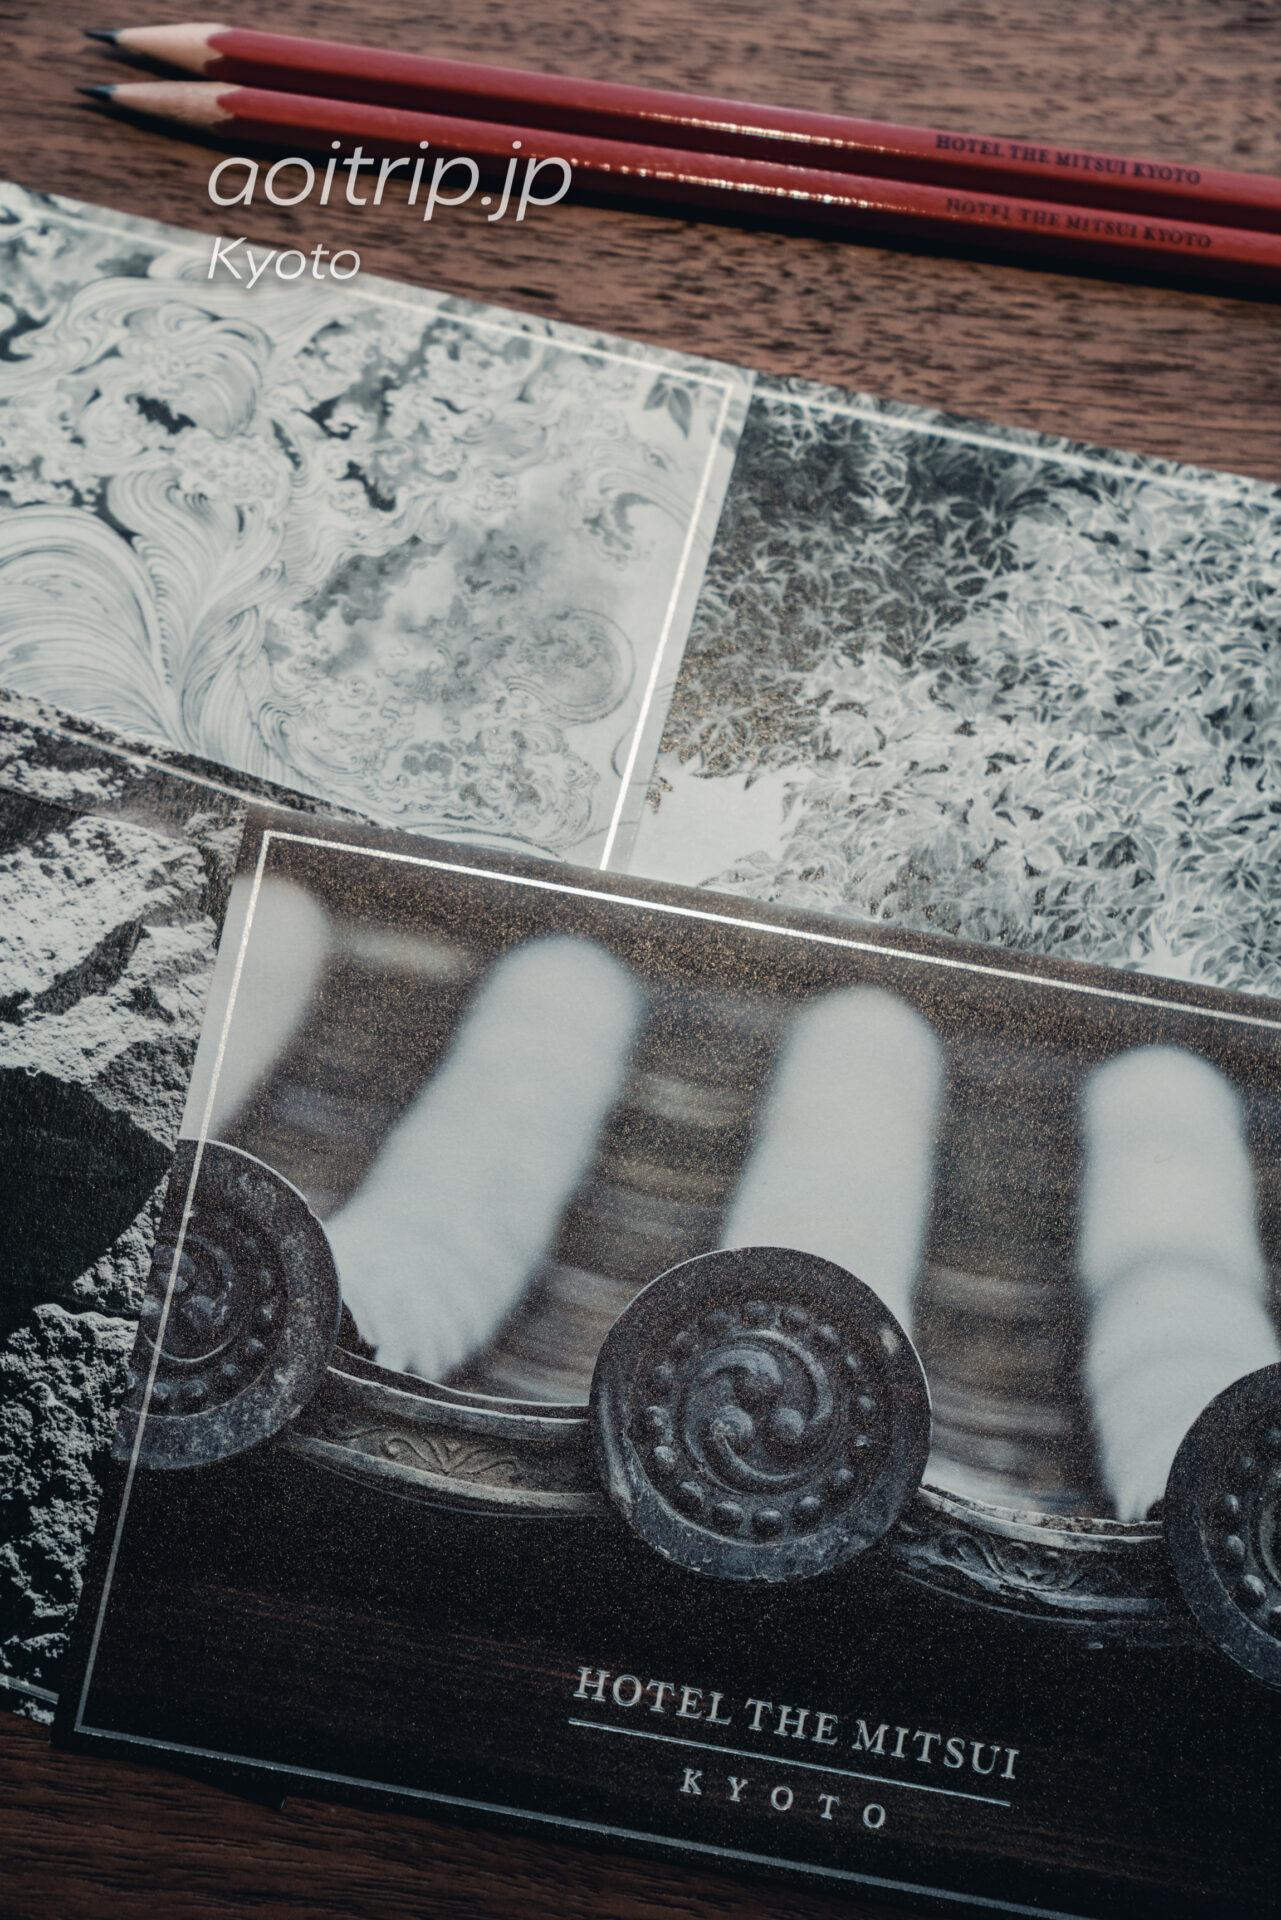 HOTEL THE MITSUI KYOTO ポストカード